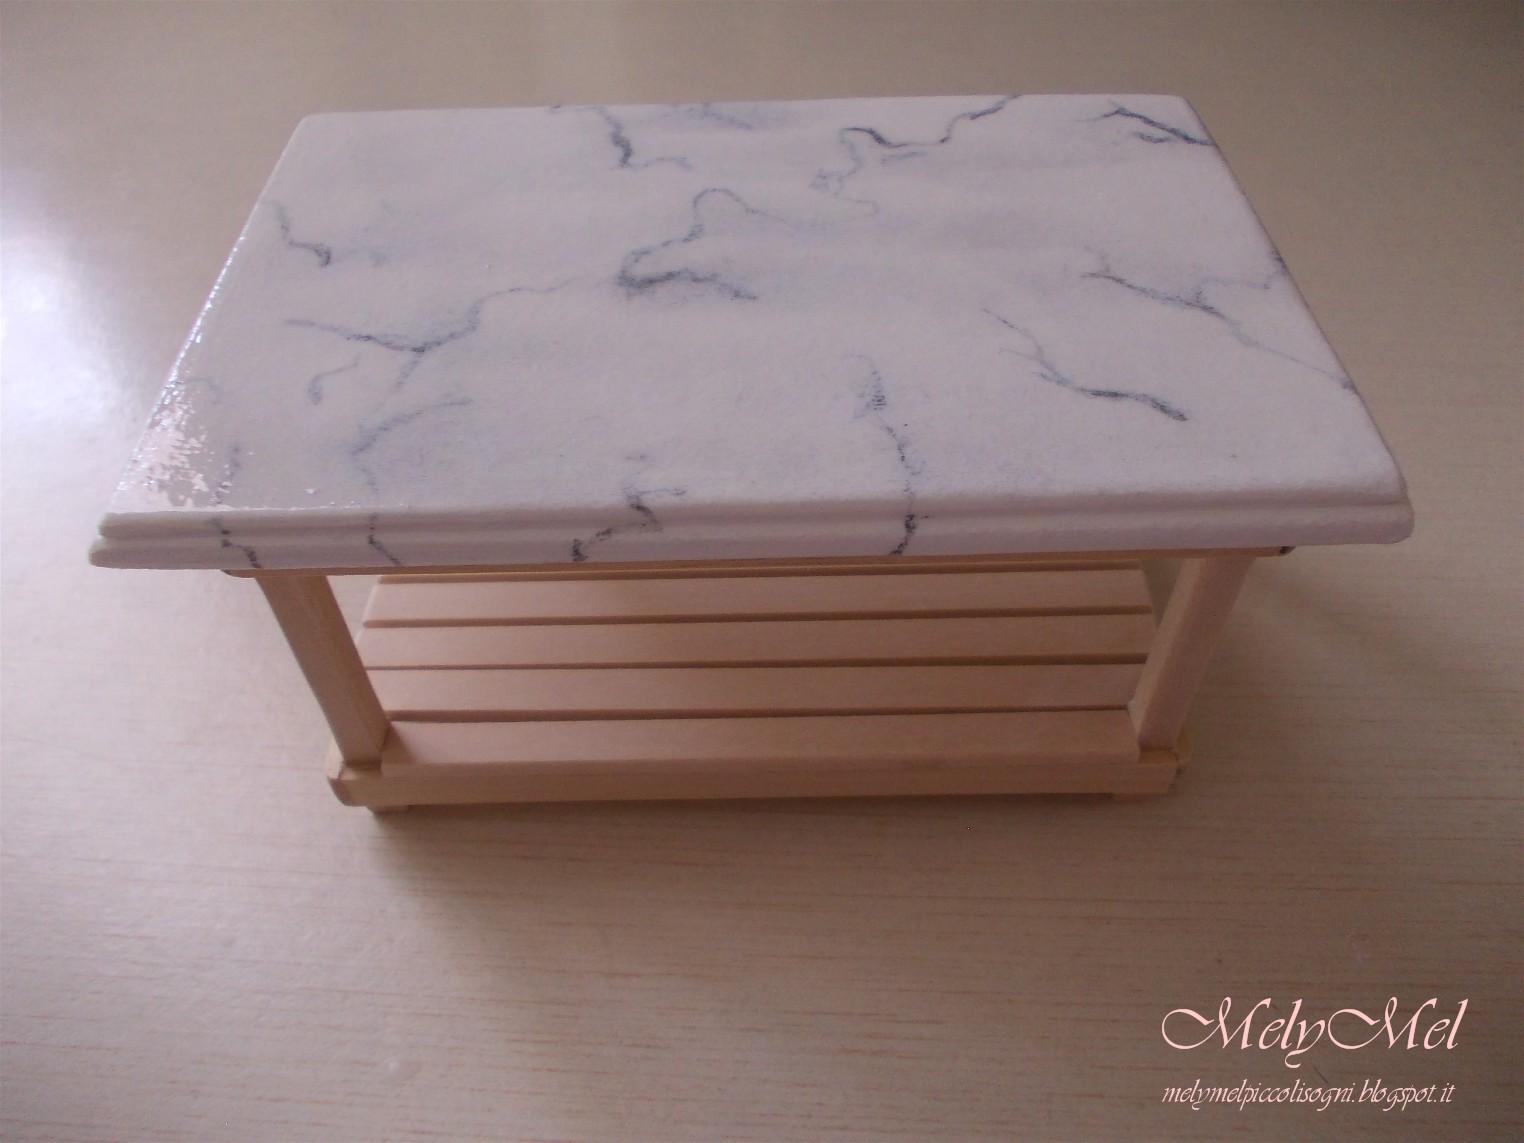 Melymel piccoli sogni tavolo in legno e finto marmo for Tavolo effetto marmo